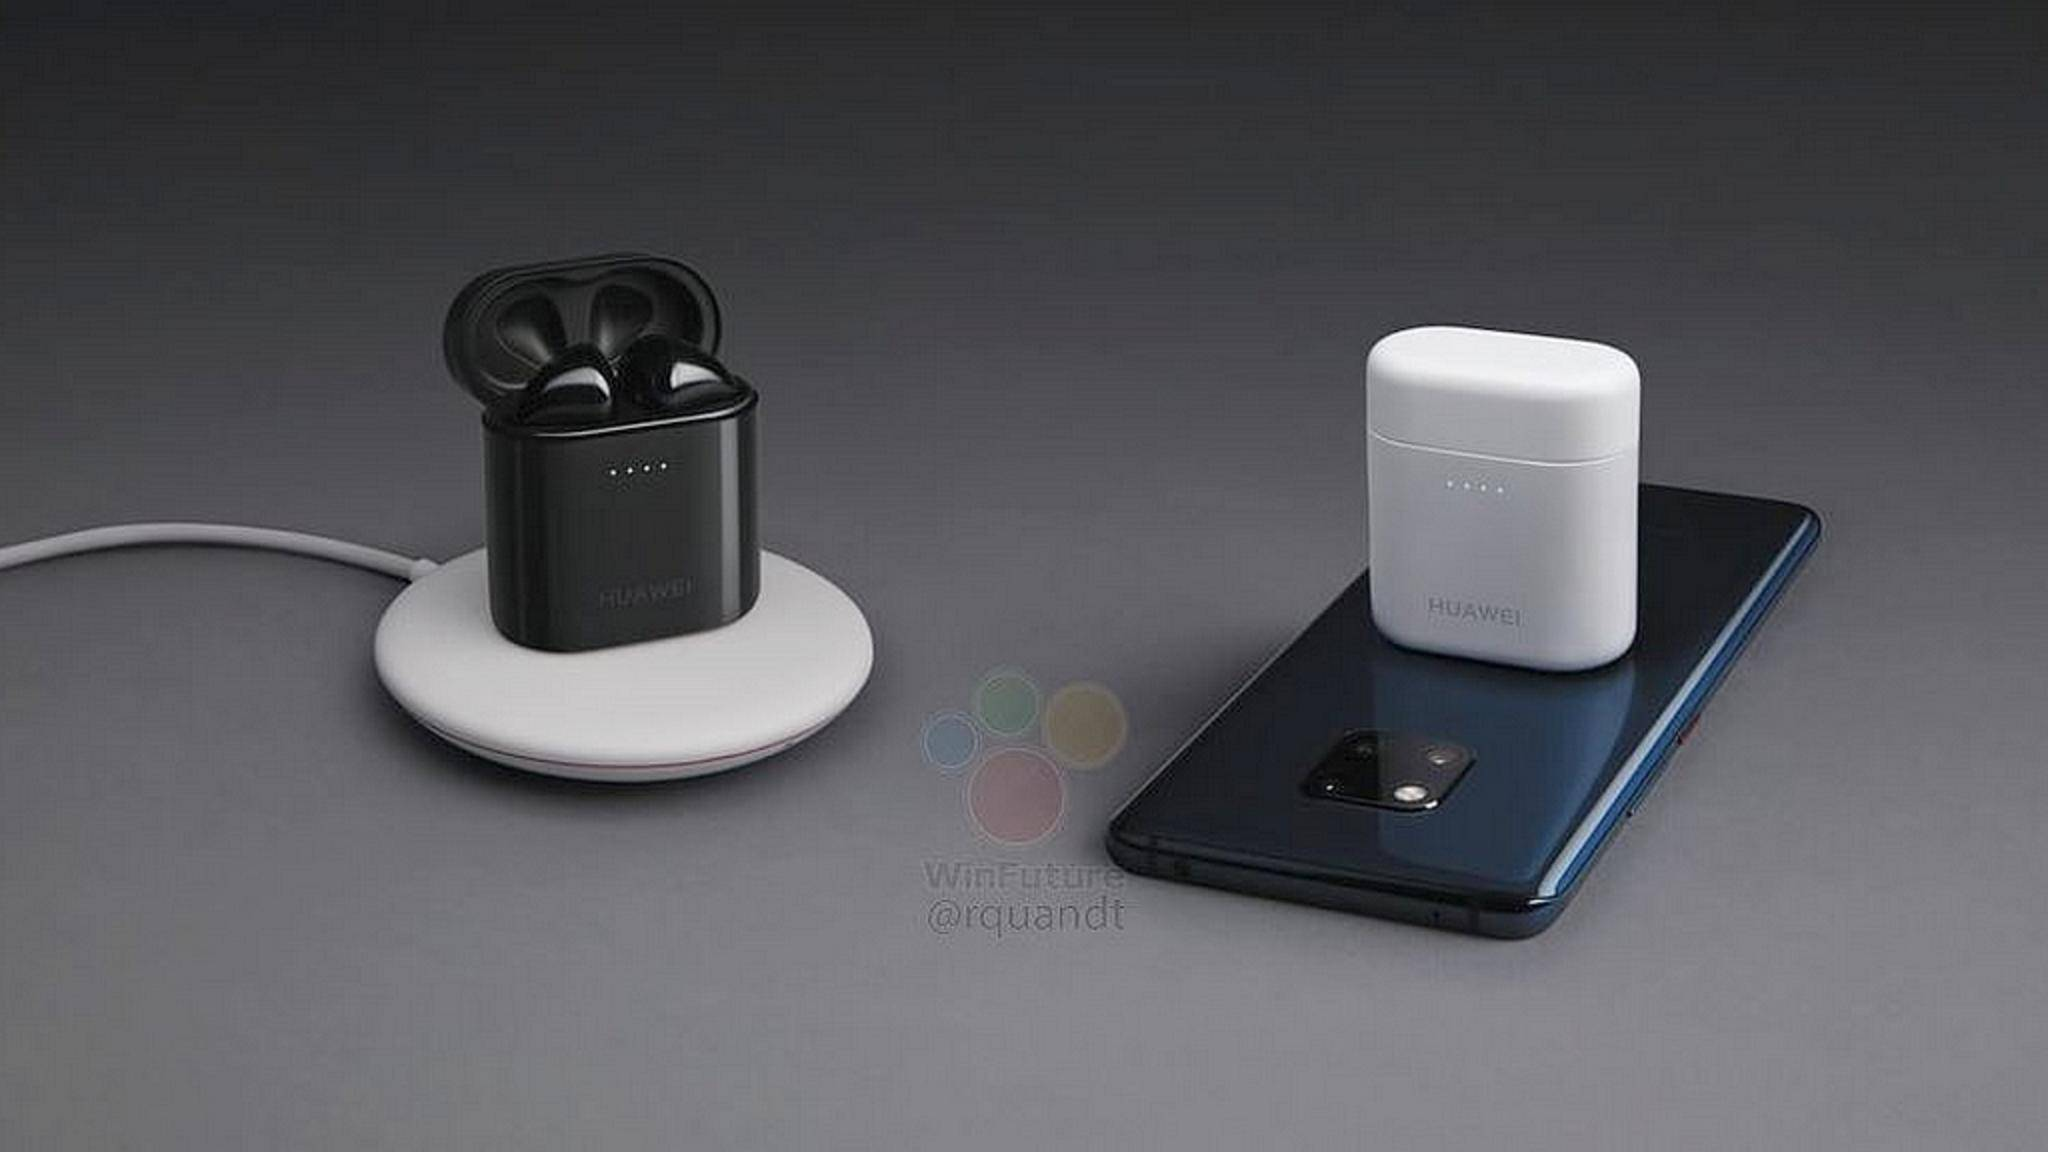 Die Huawei Freebuds 2 Pro lassen sich kabellos mit dem Smartphone aufladen.